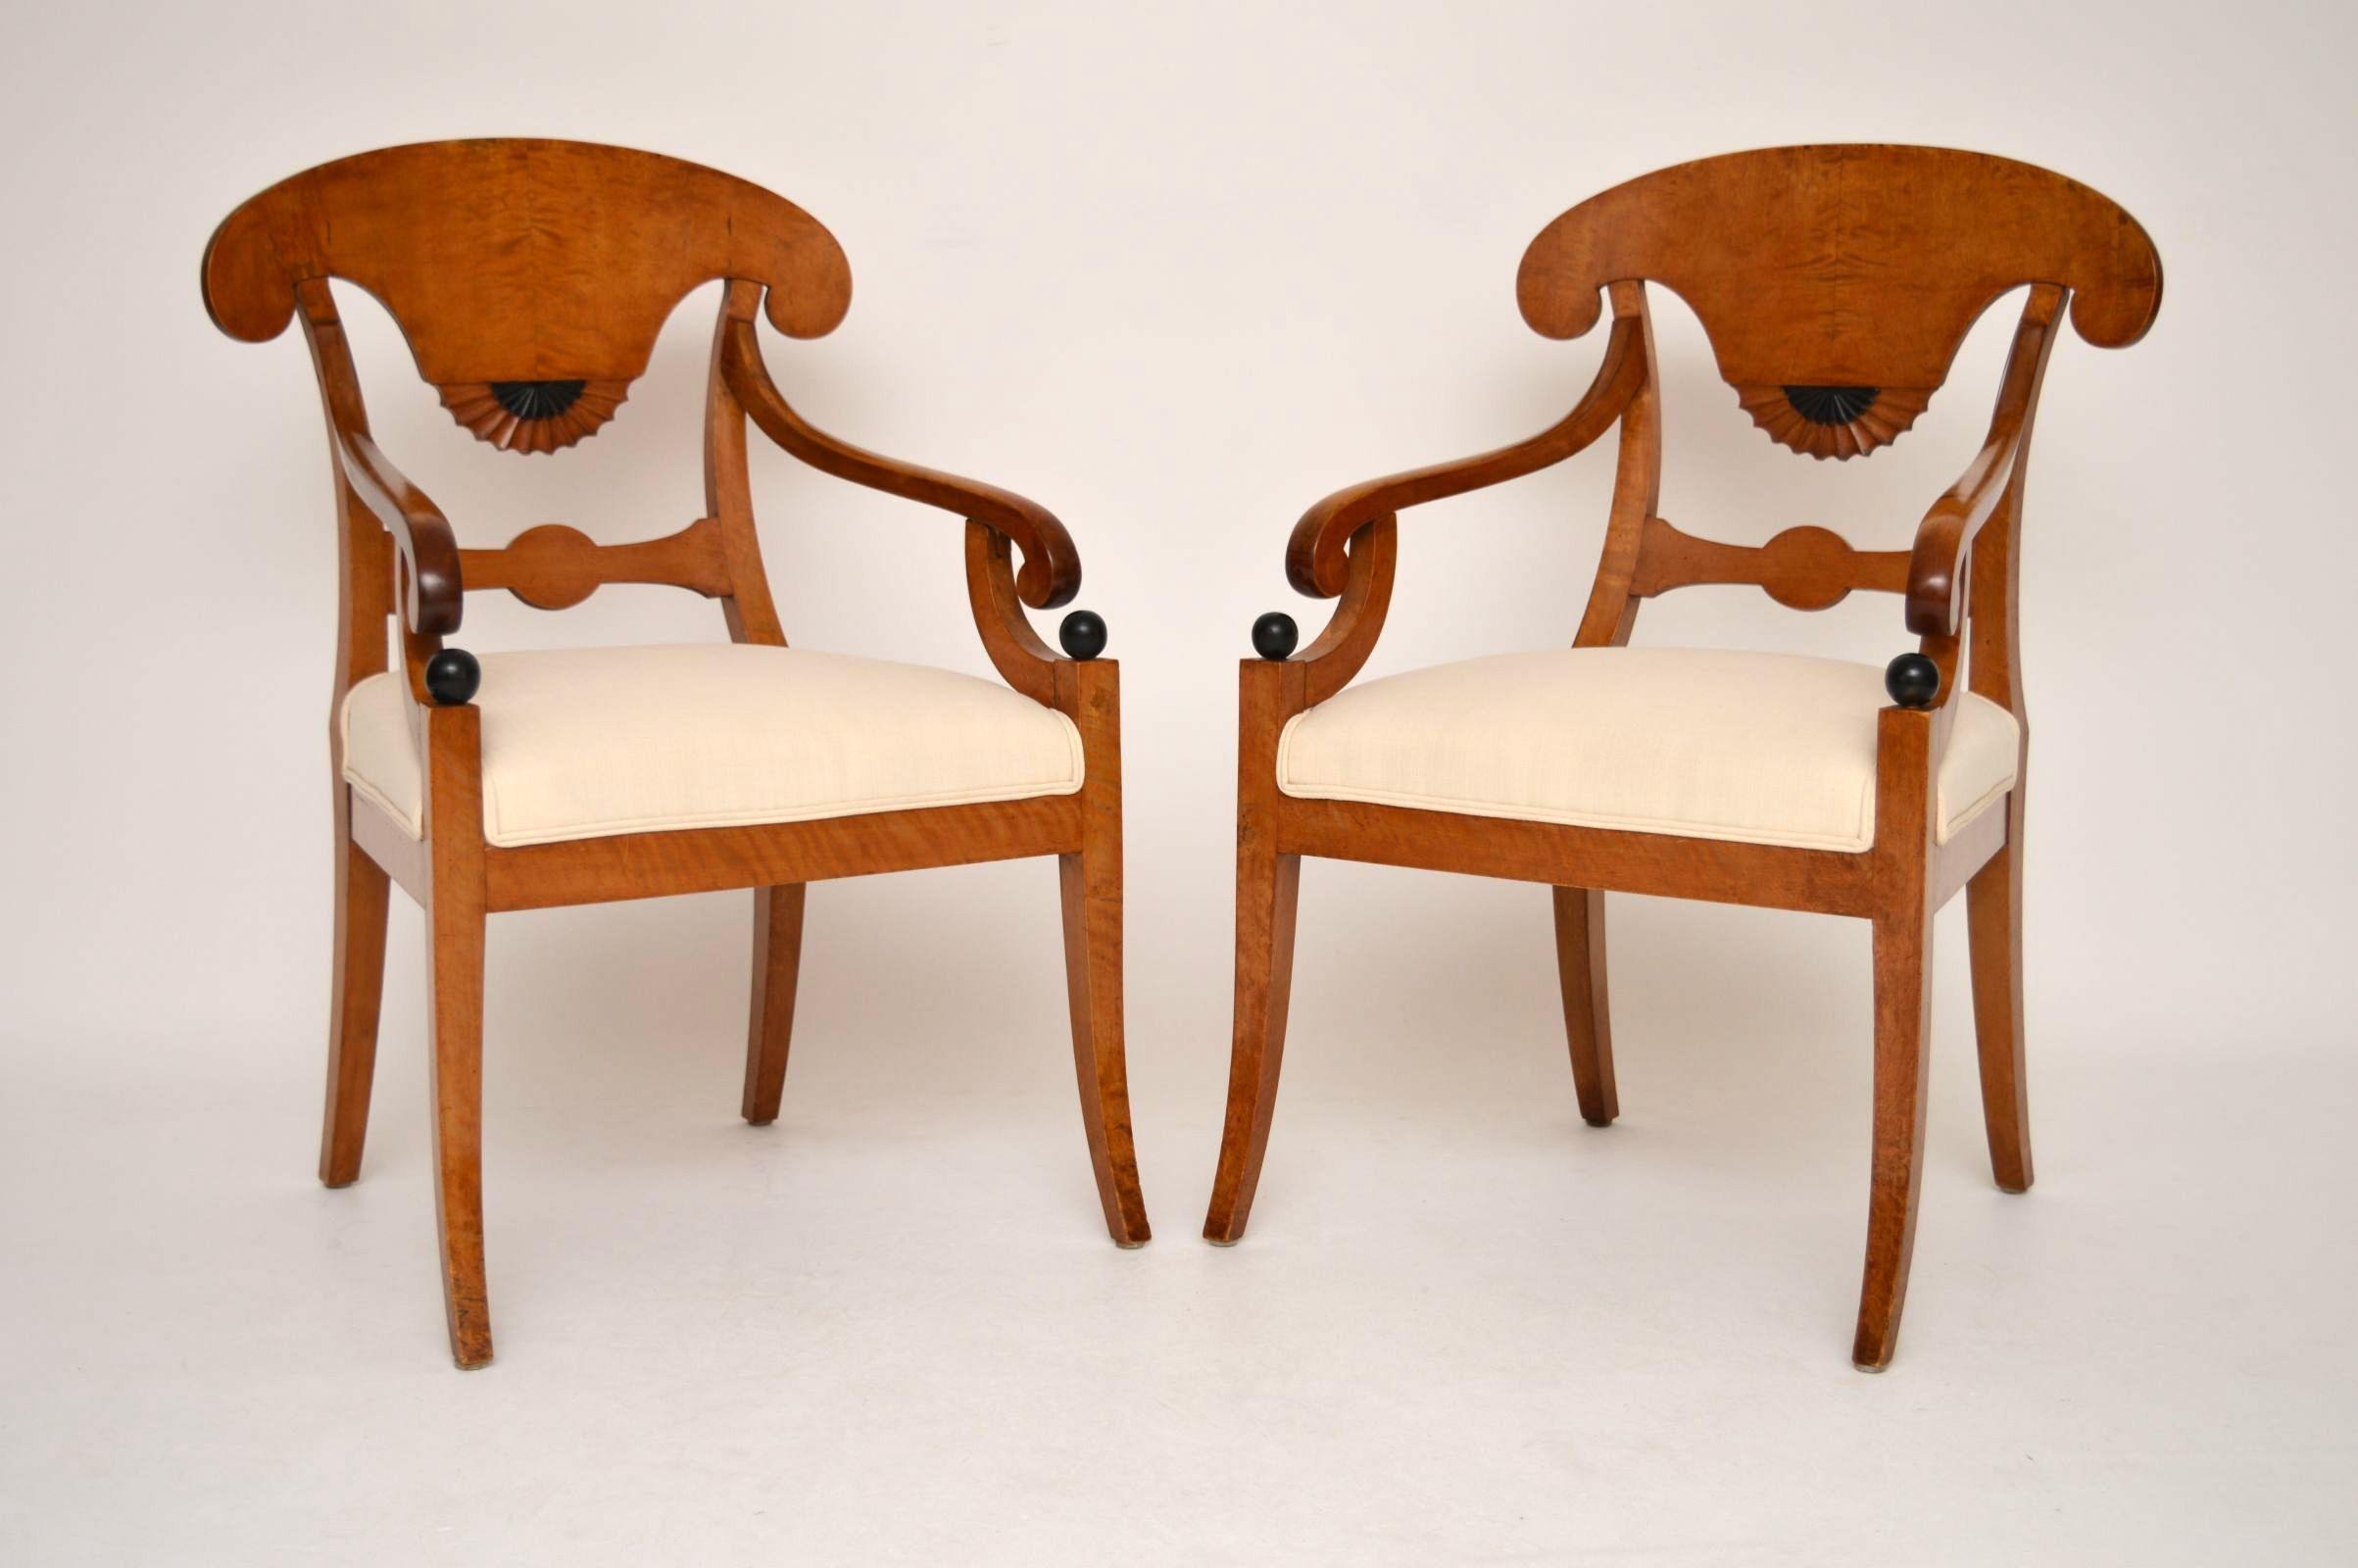 paar schwedische biedermeier satin birken sessel. Black Bedroom Furniture Sets. Home Design Ideas